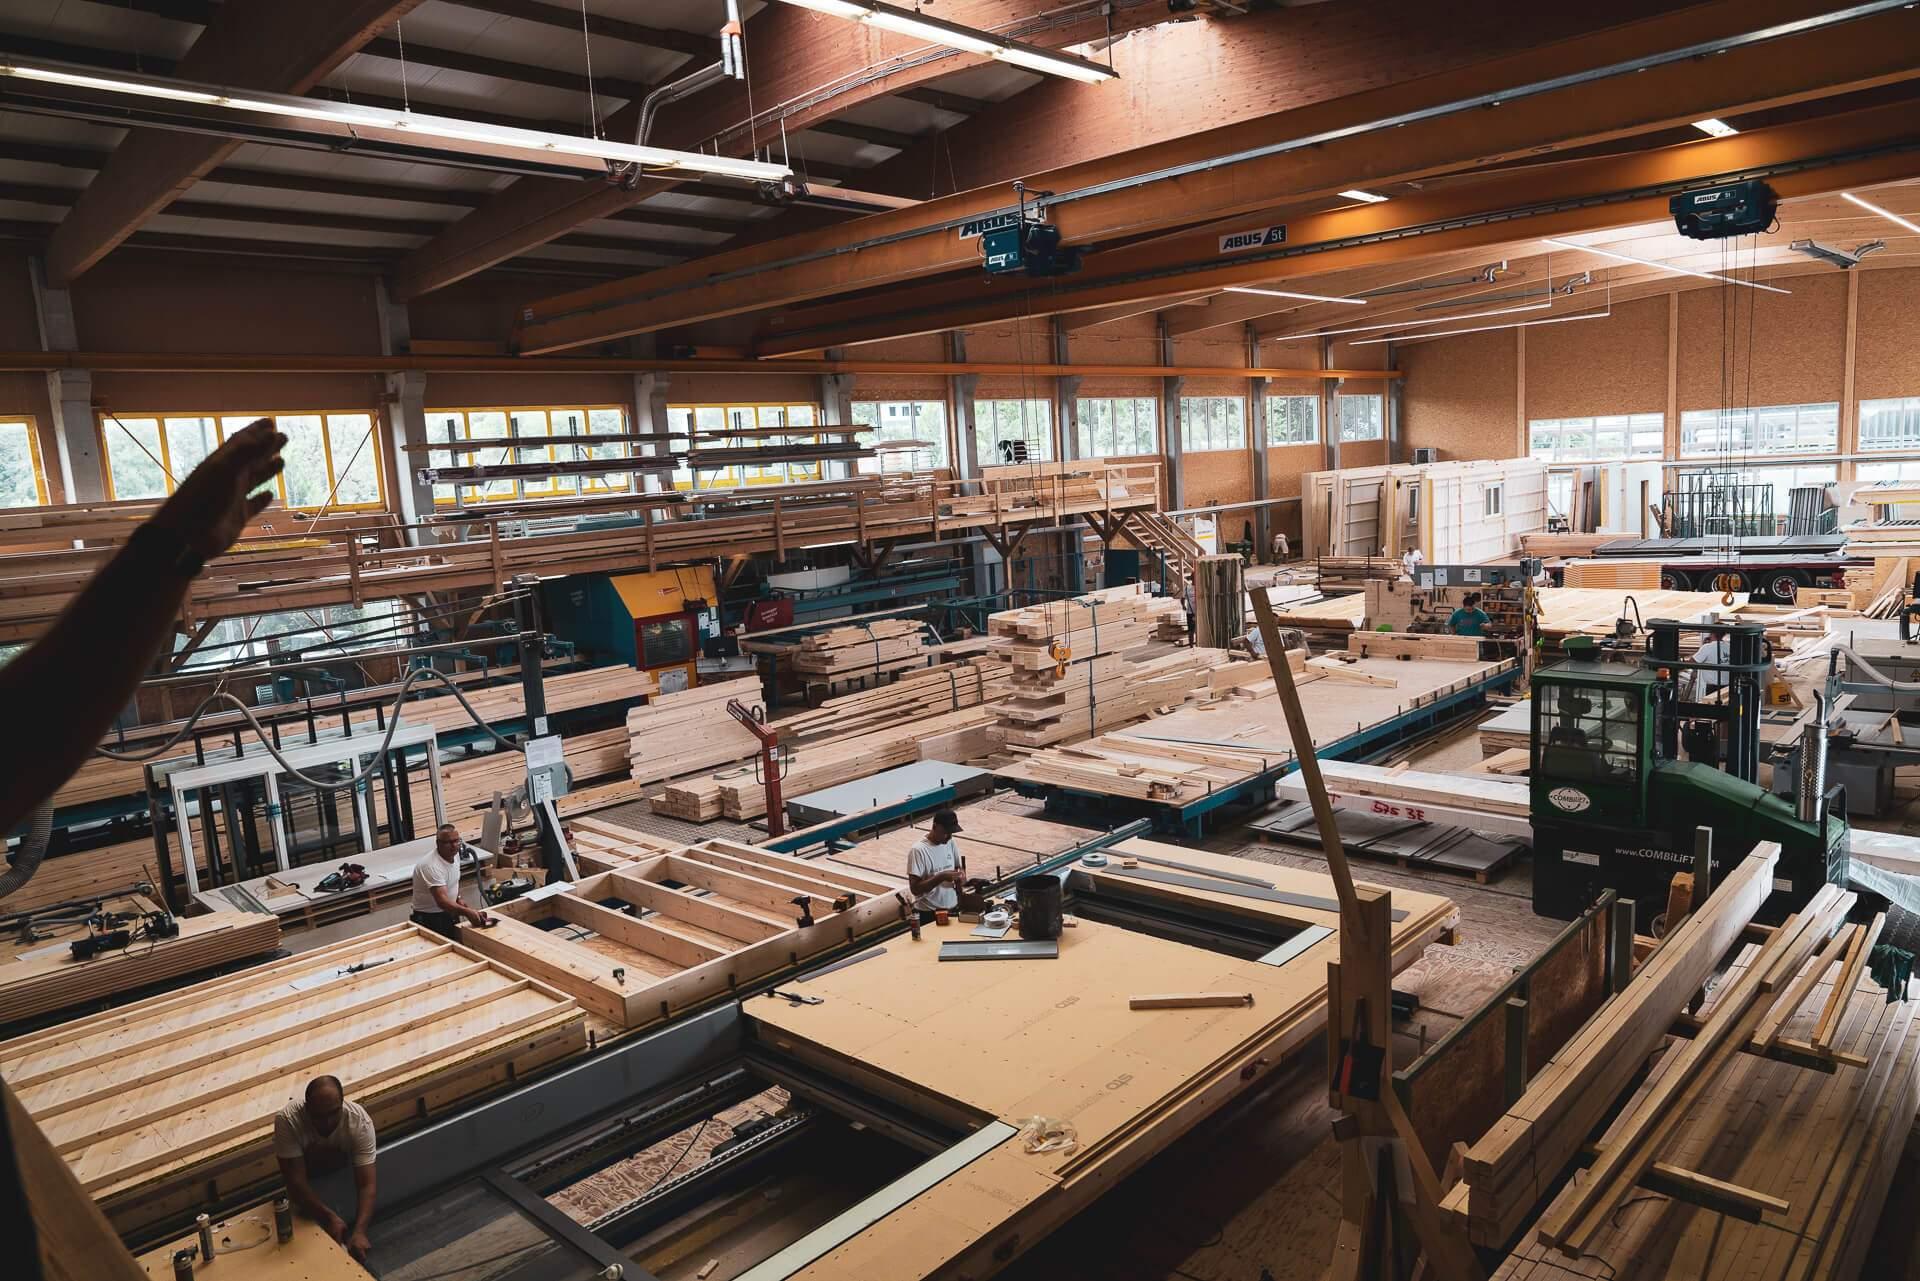 Burkart Haus JANS holzbau building partner wood workshop construction detached houses module production team